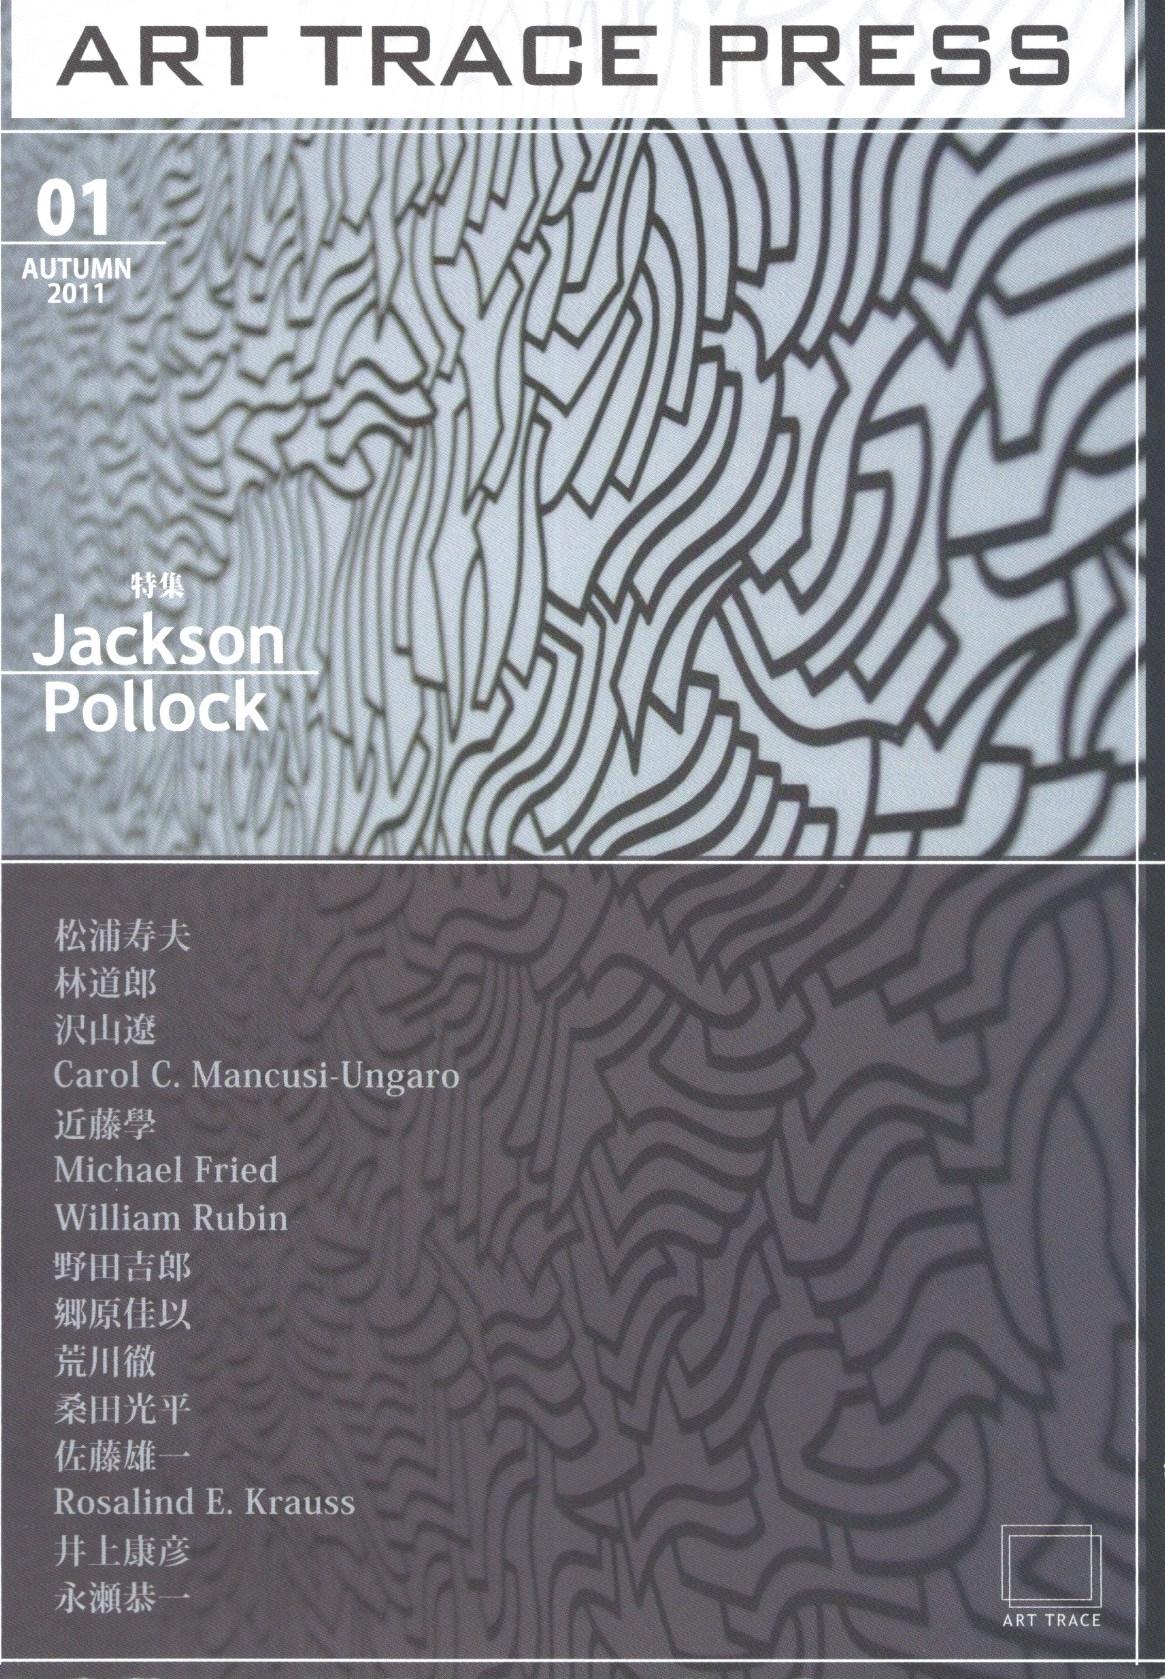 ART TRACE PRESS 01 ジャクソン・ポロック